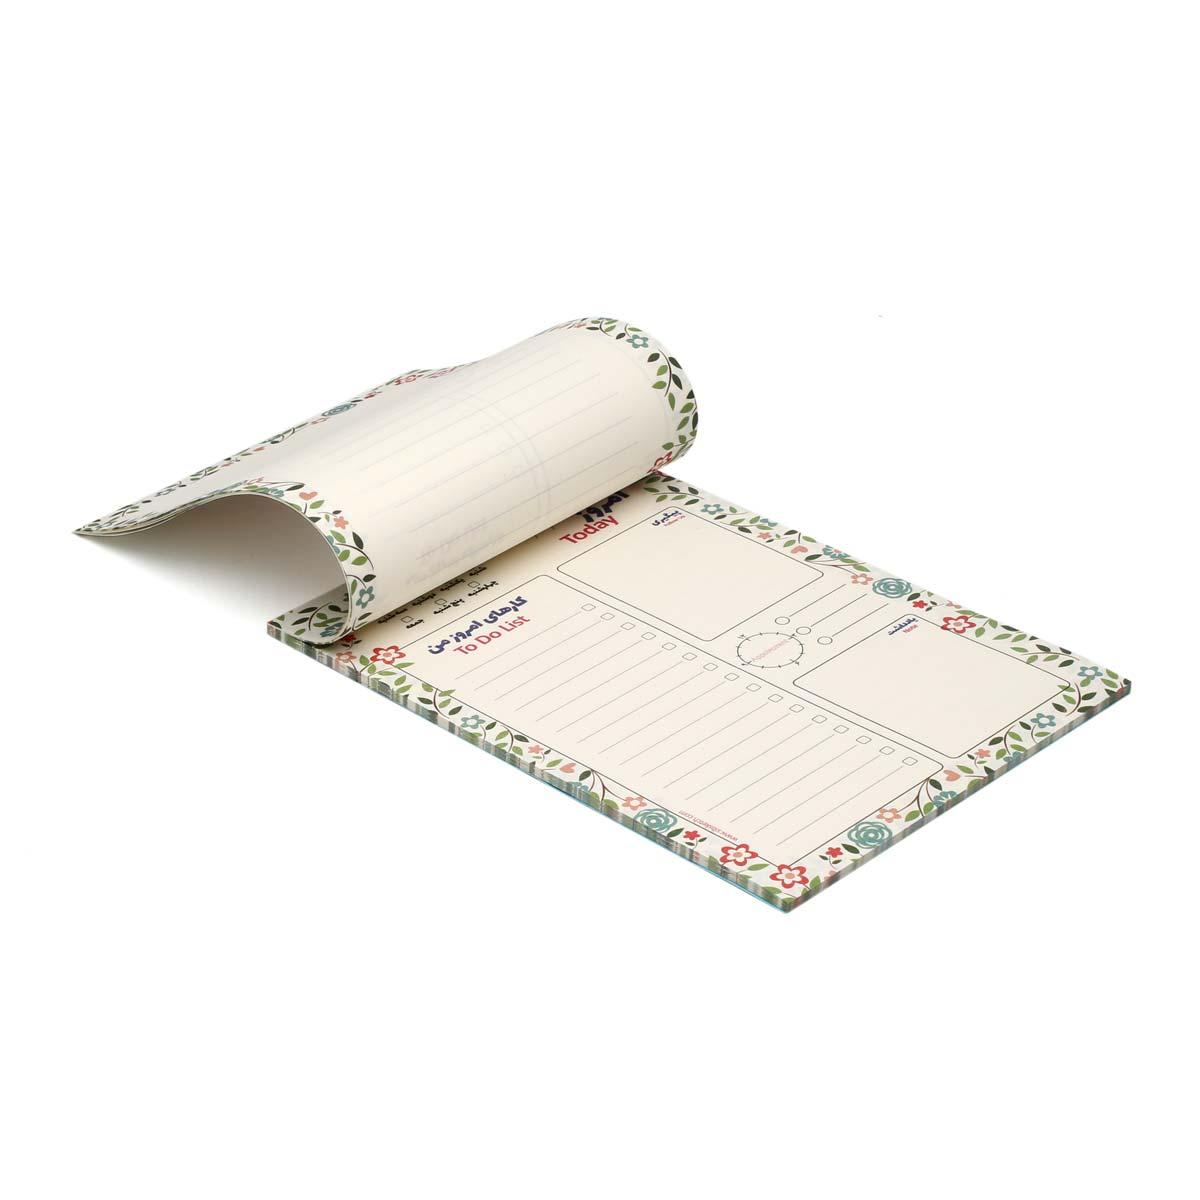 مجموعه برنامه ریزی (پلنر) 2 - کاغذ سفید